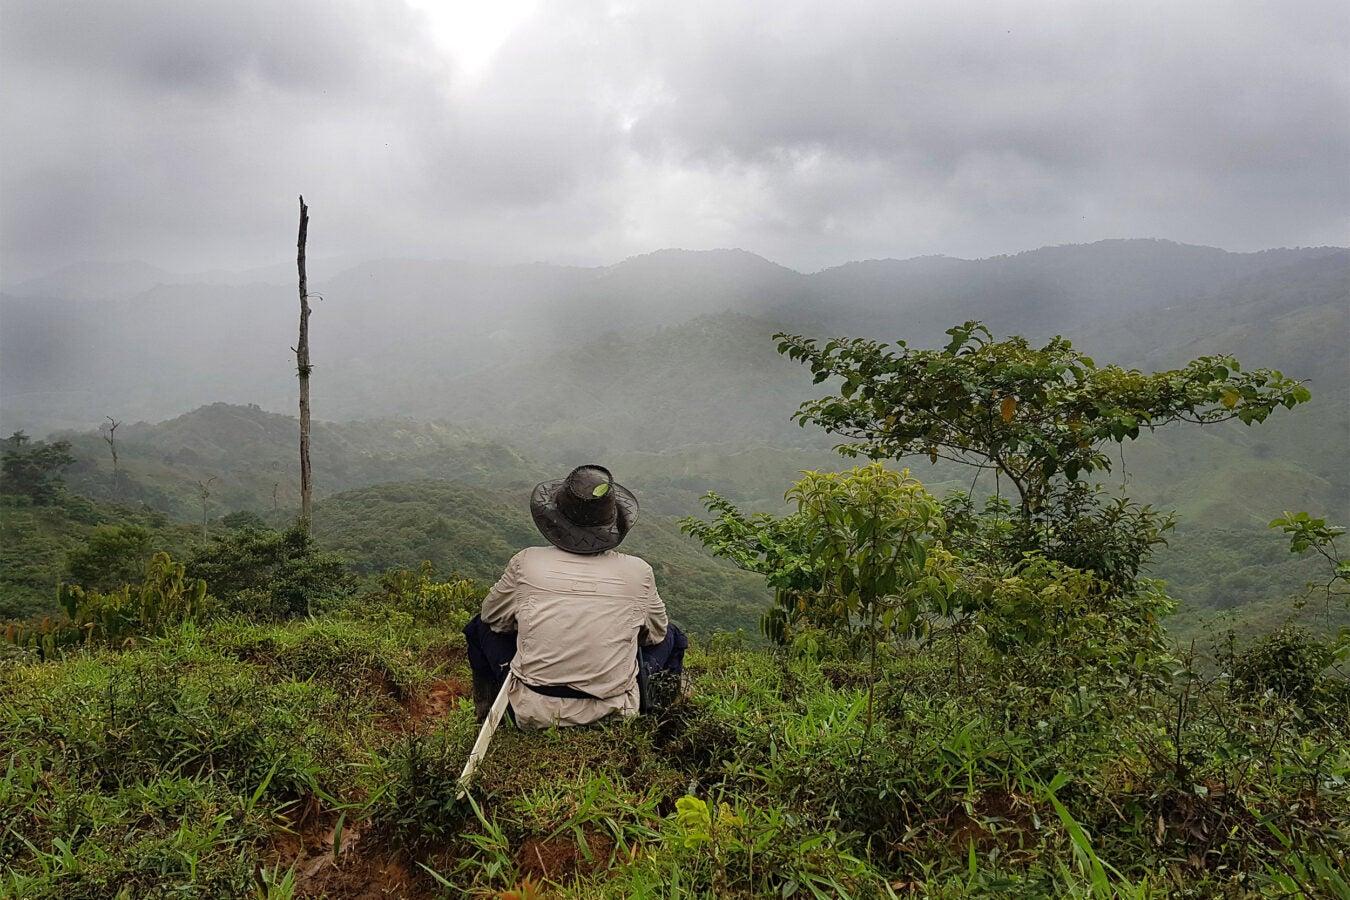 Man sitting looking at mountains.